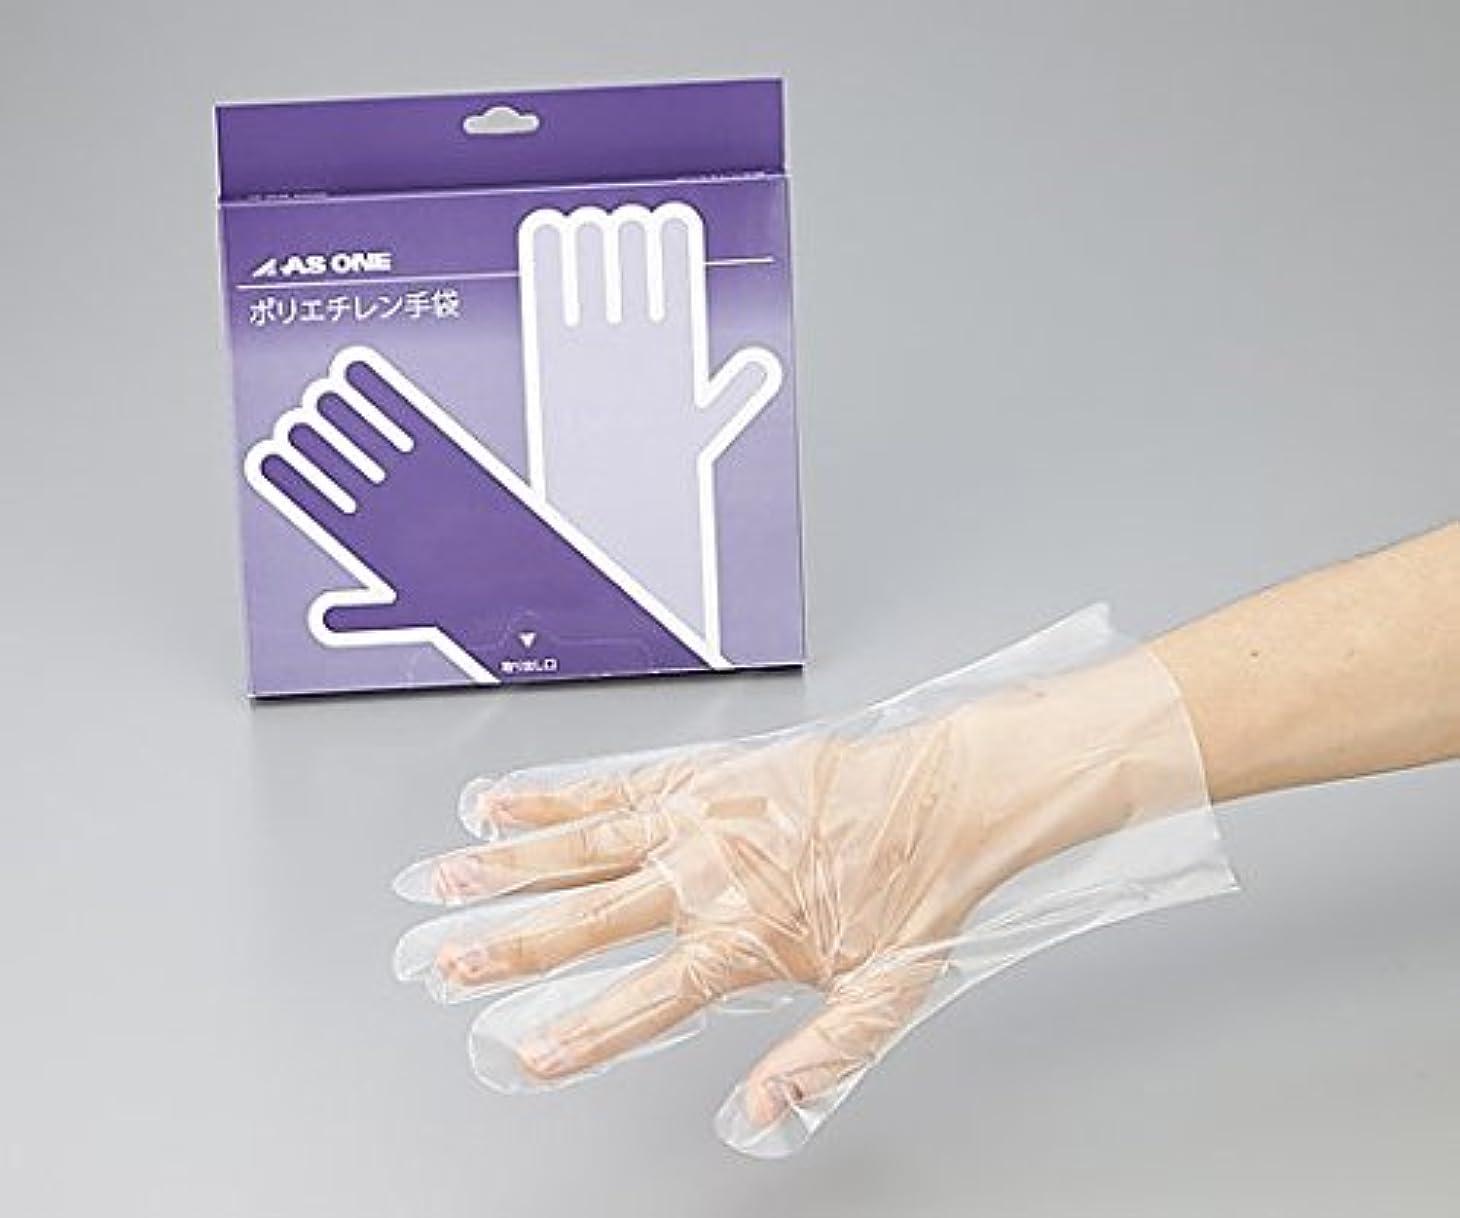 連合ホームスチュワードアズワン2-4976-01ポリエチレン手袋スタンダード標準厚外エンボス付L100枚入